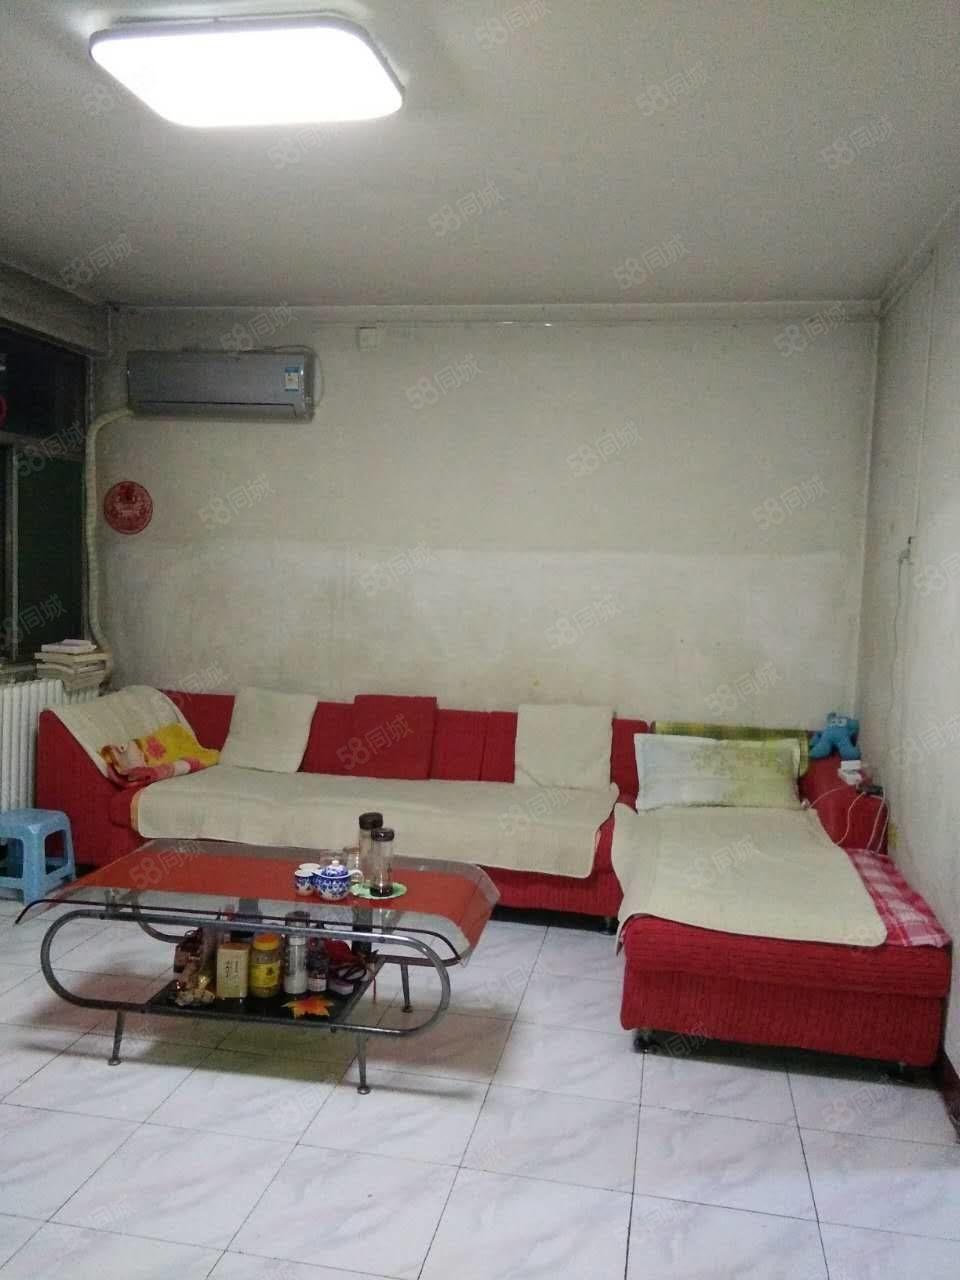 十三中房2楼2室1厅62平,全套家具家电1100元。